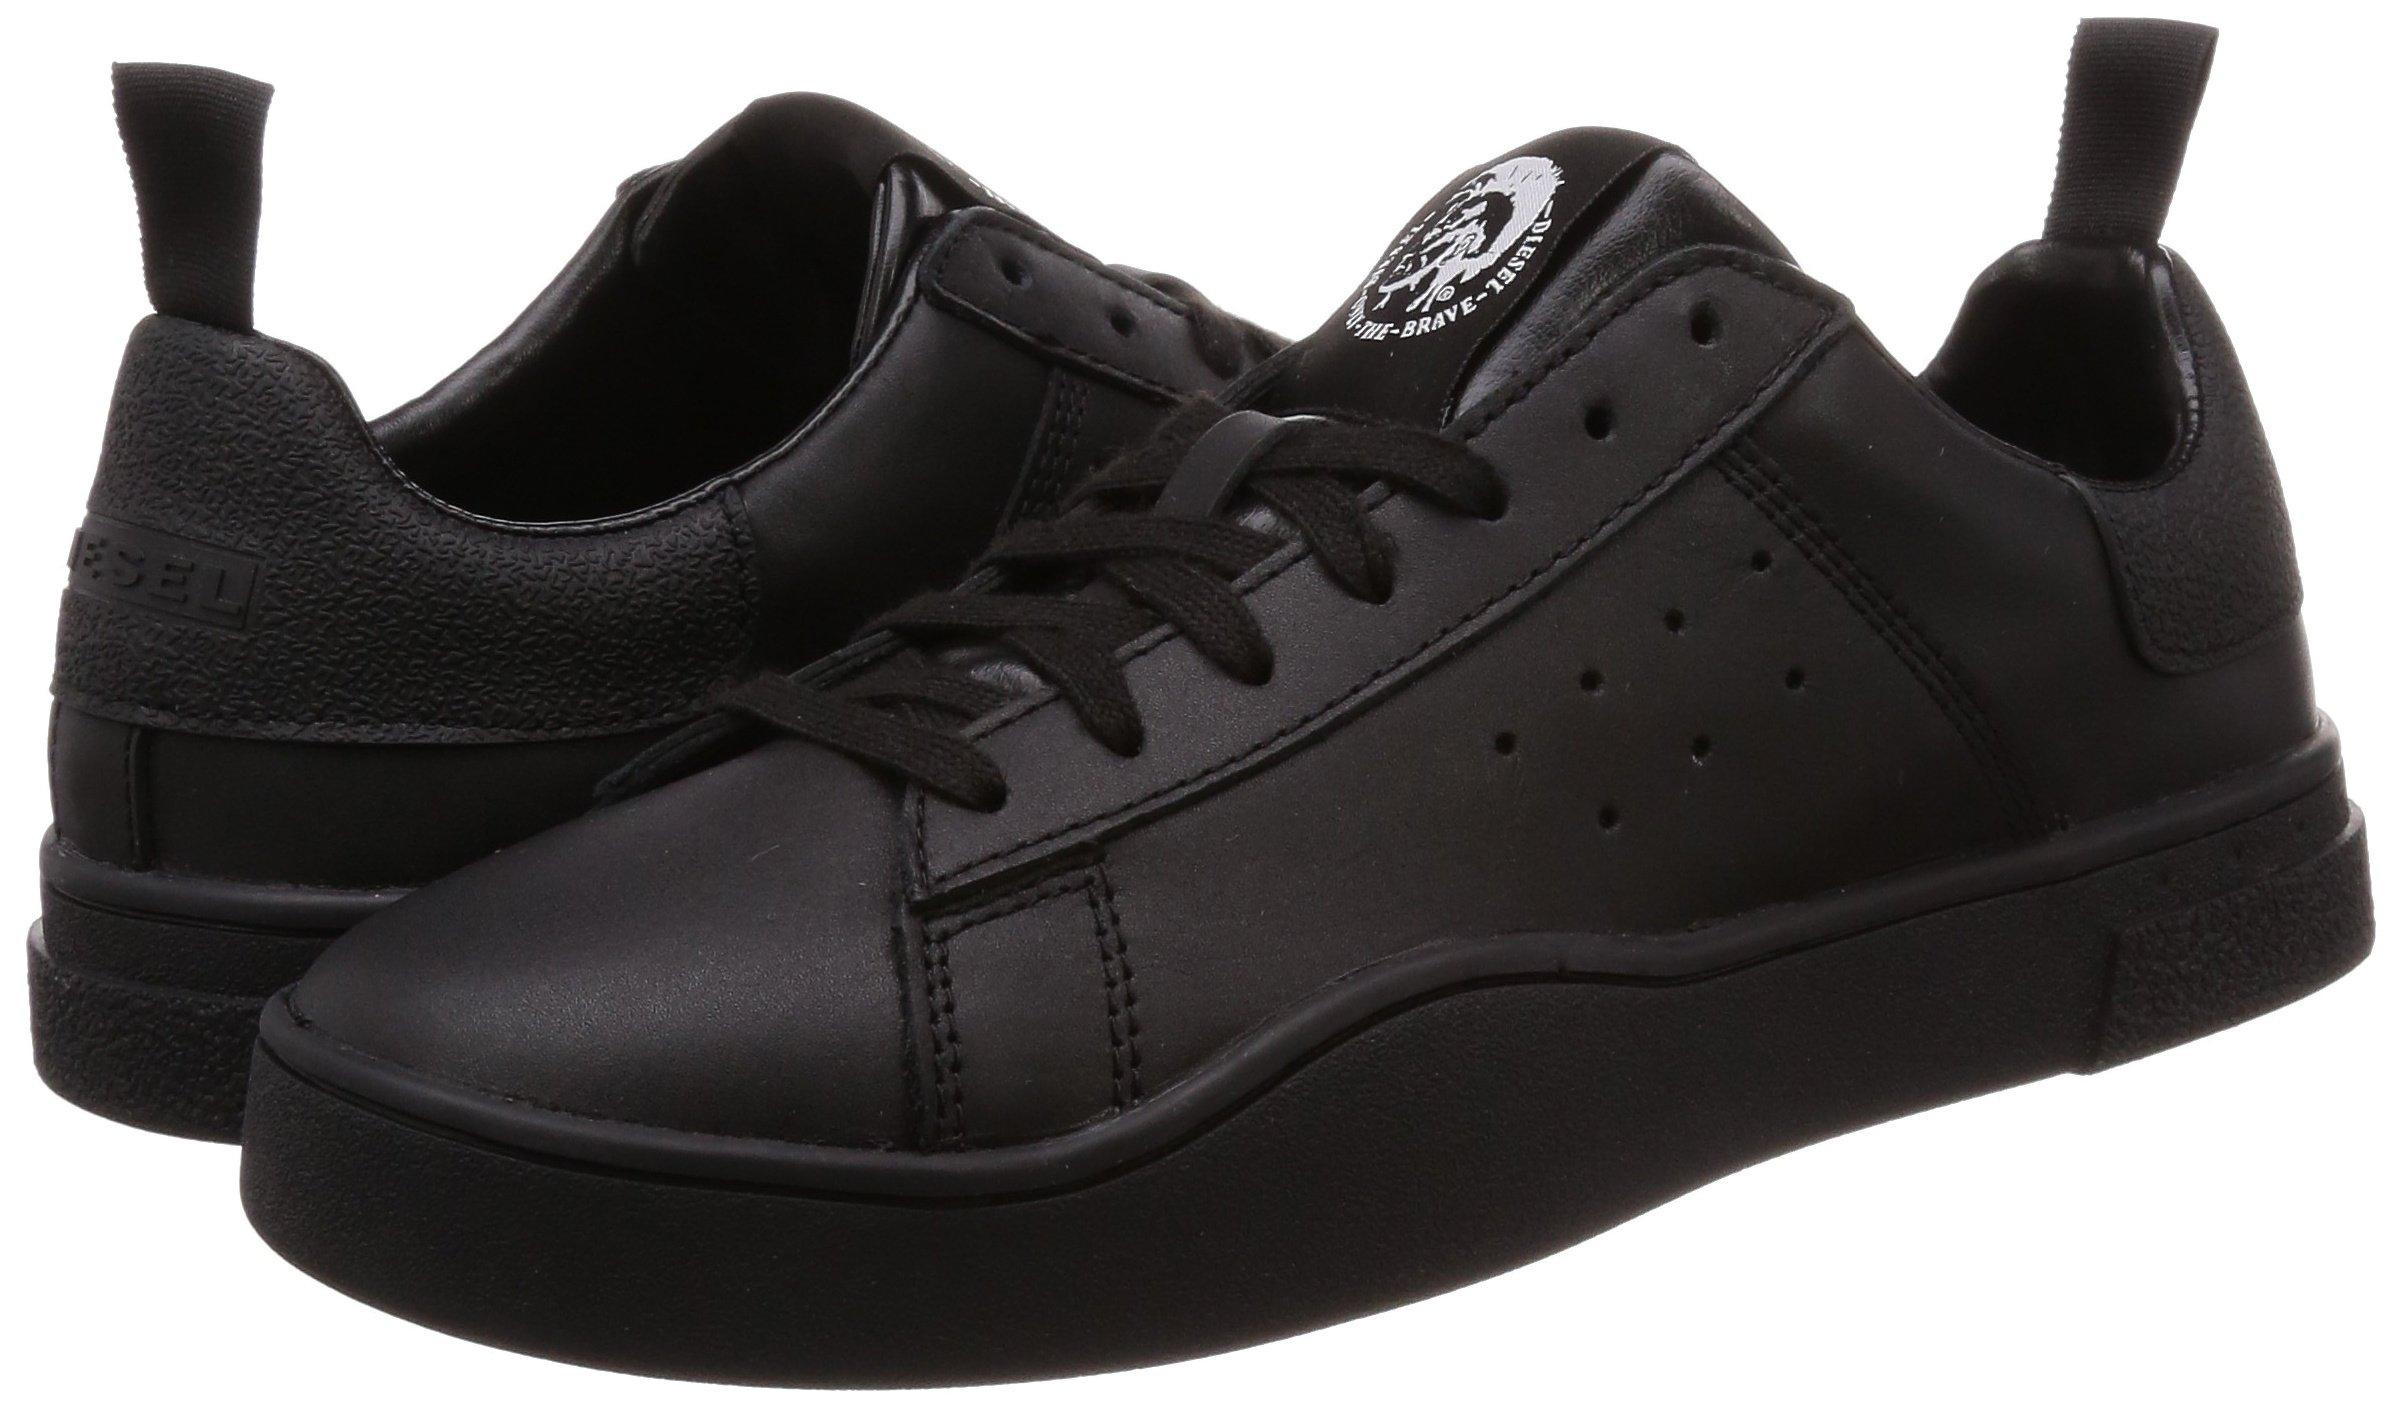 Diesel Men's S-Clever Low-Sneakers Black, 8 M US by Diesel (Image #5)